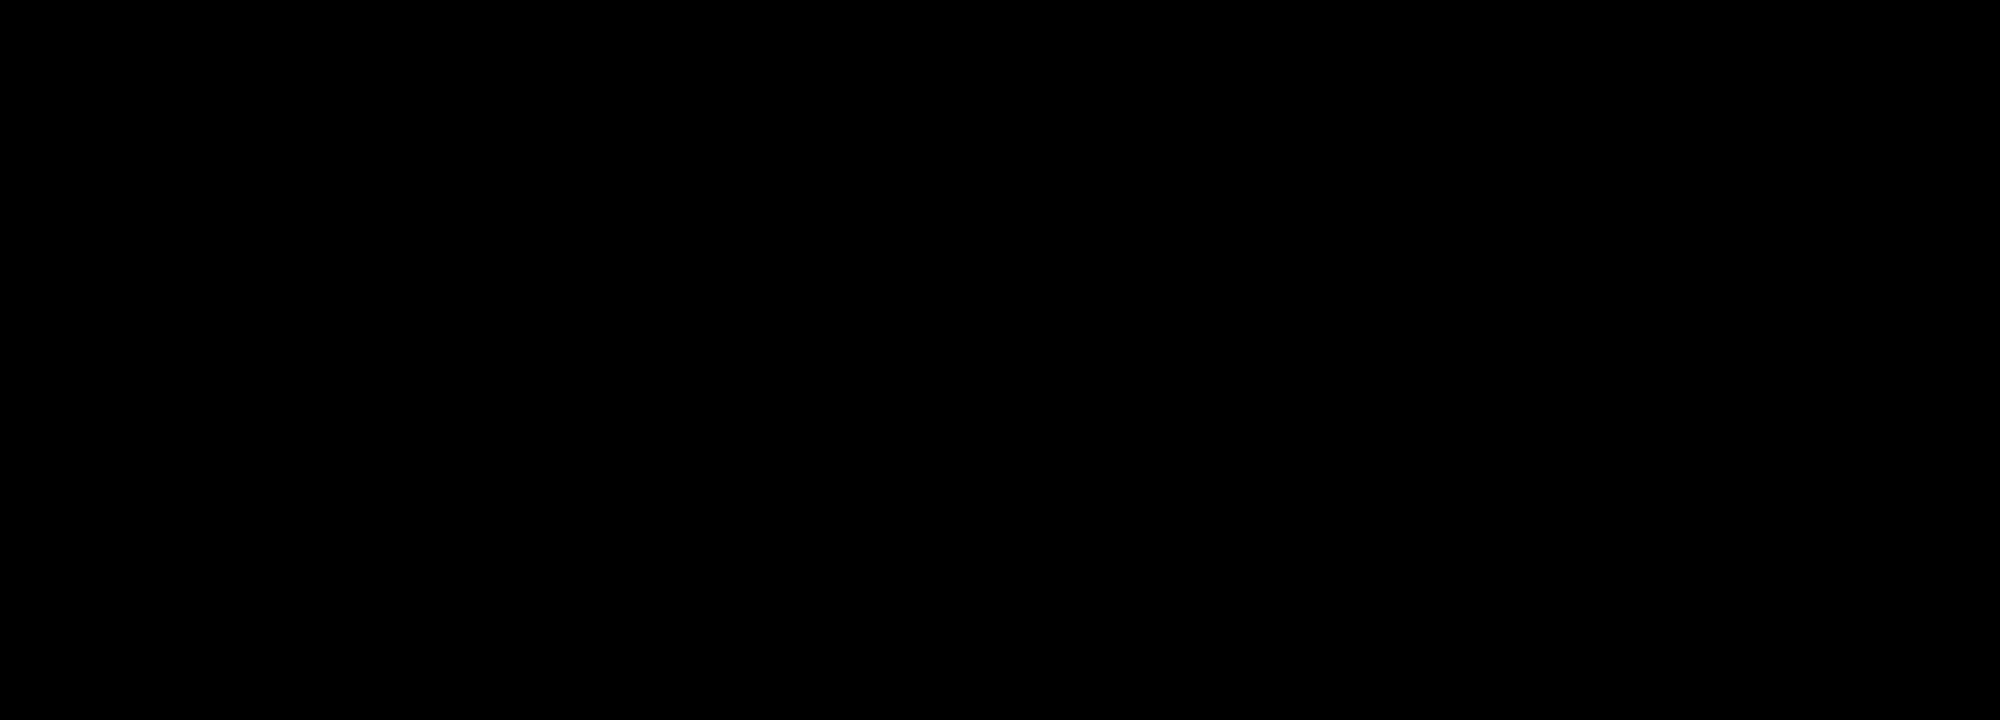 2000x720 Nike Swoosh Logo Just Do It Brand